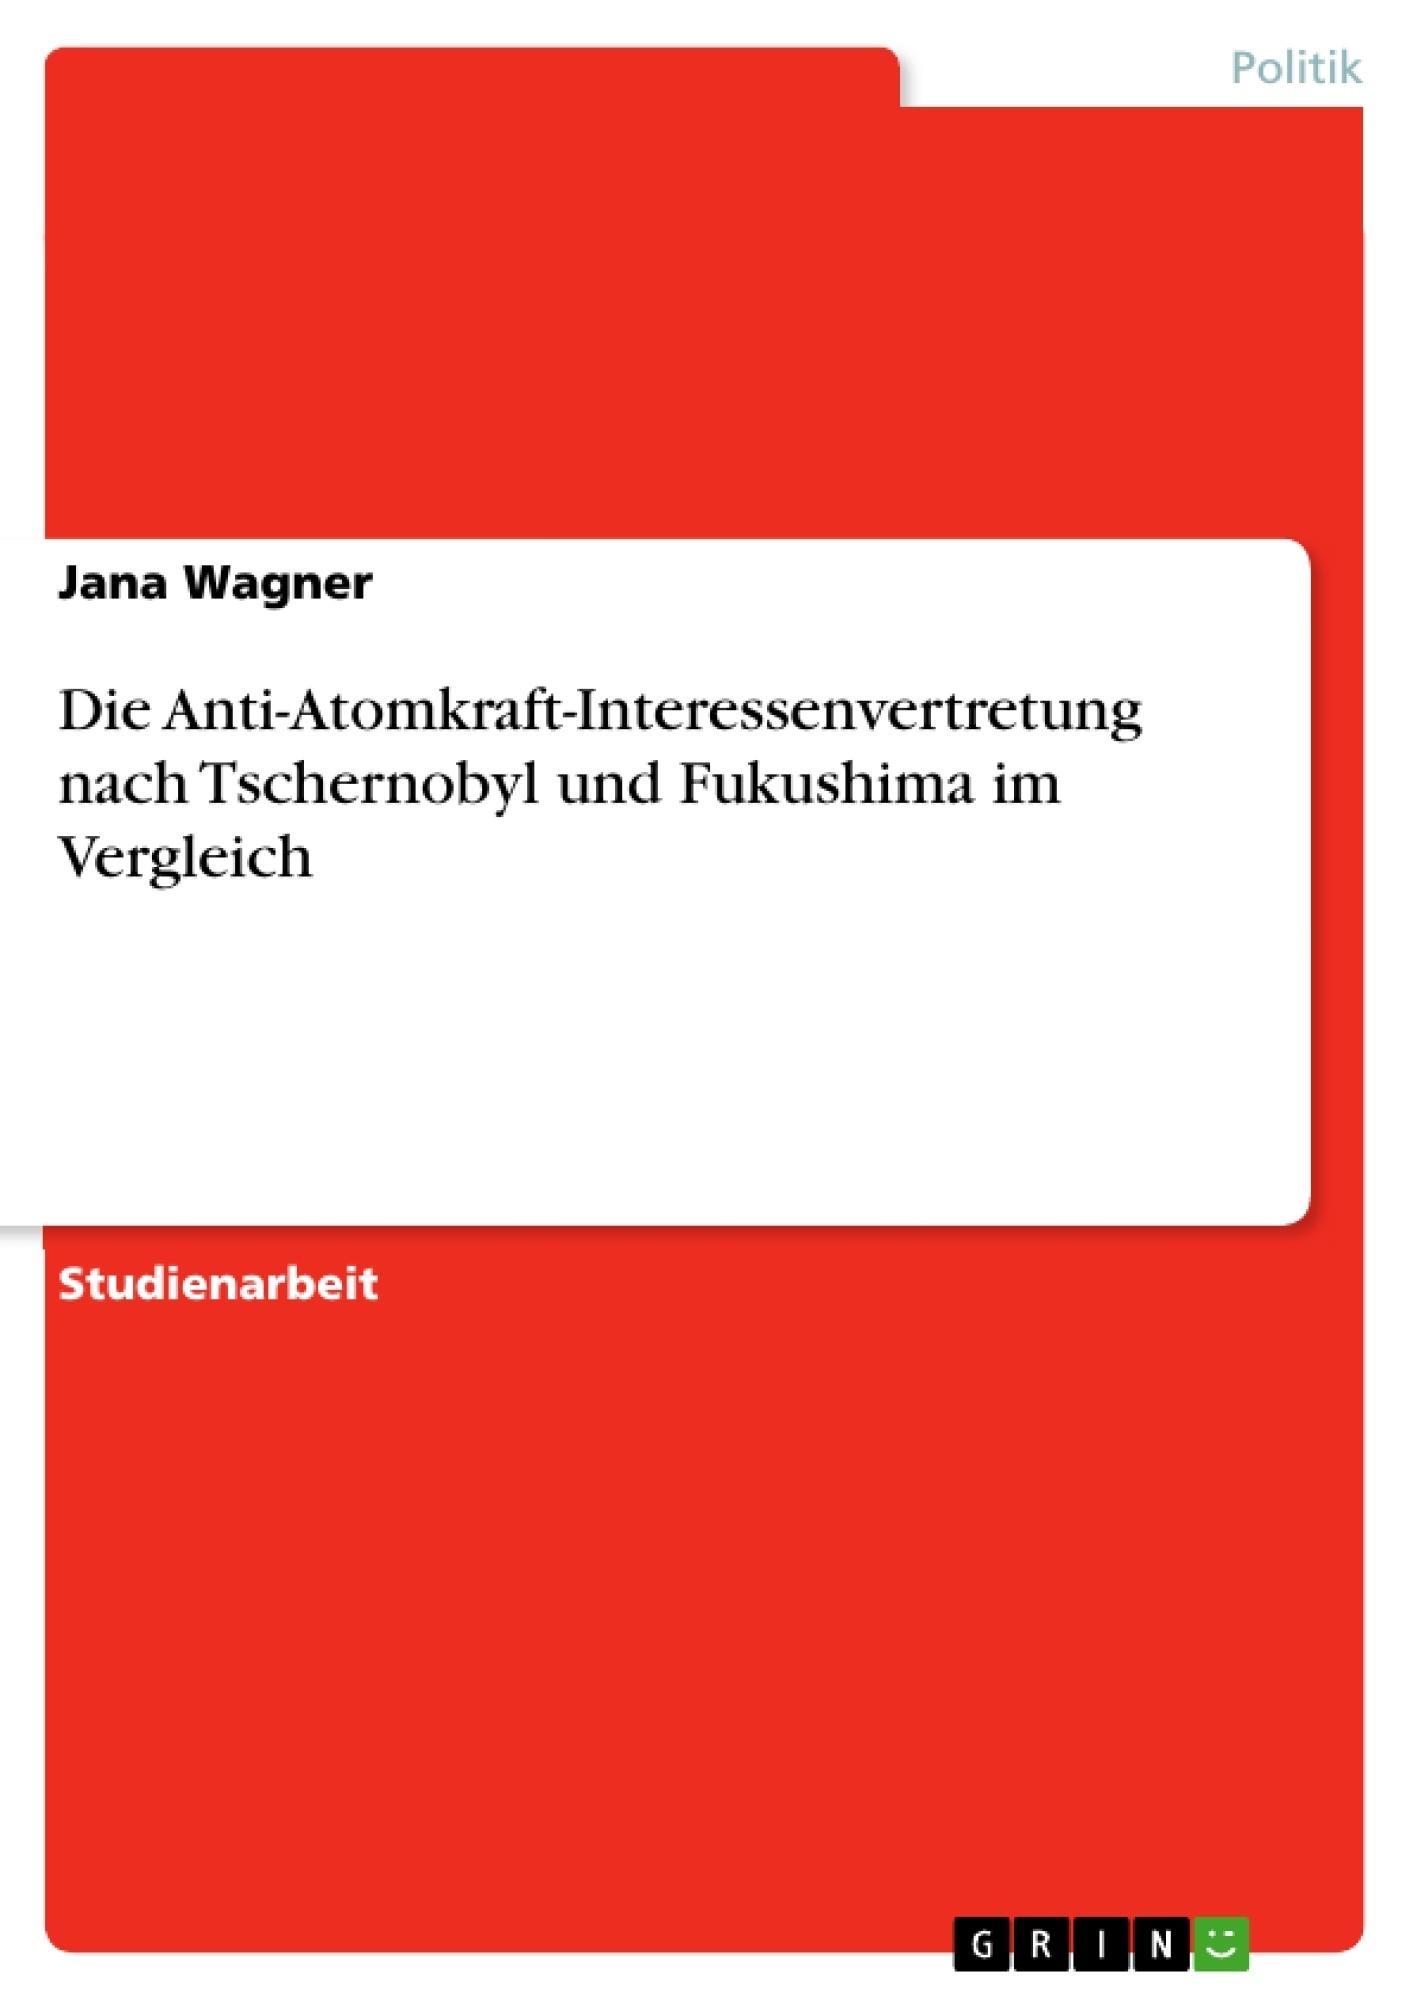 Titel: Die Anti-Atomkraft-Interessenvertretung nach Tschernobyl und Fukushima im Vergleich